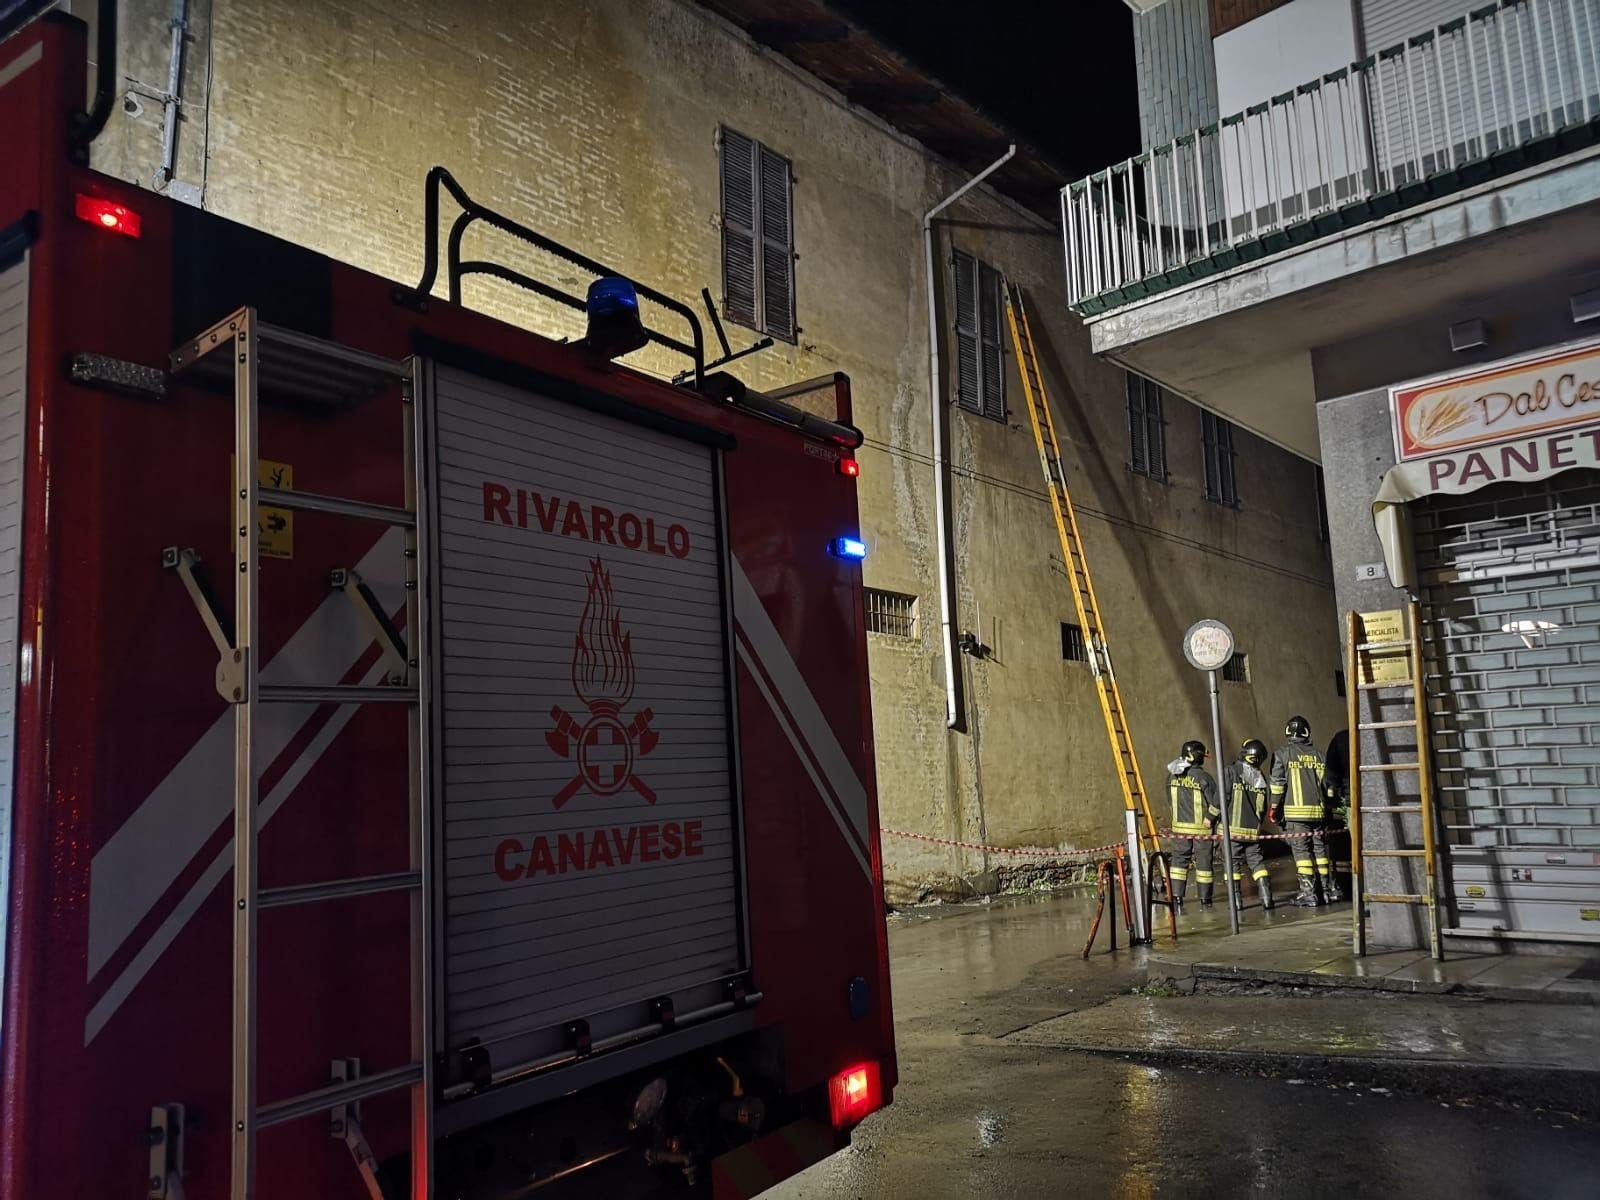 CUORGNÈ-RIVAROLO - Paura per balconi e tegole pericolanti